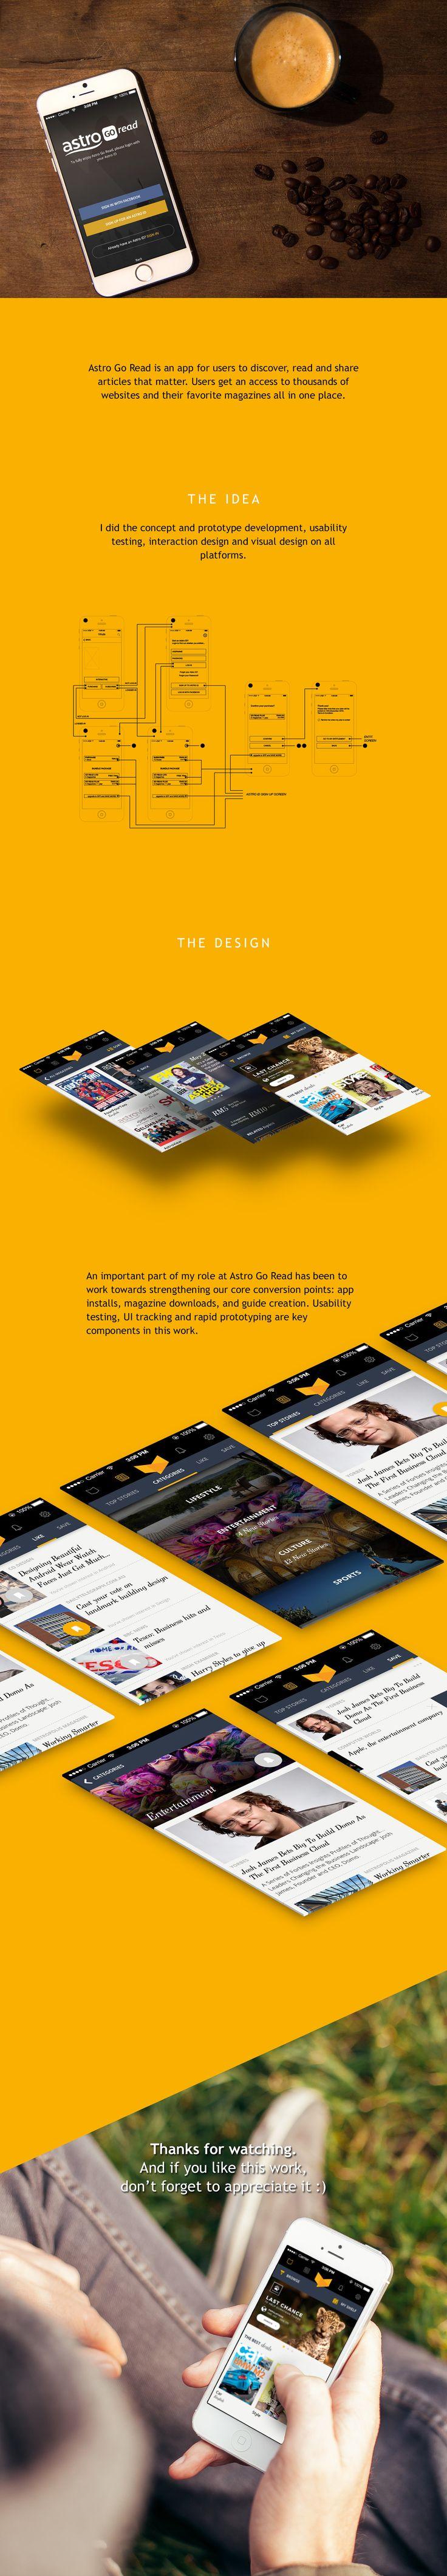 Astro Go Read App Redesign on Behance